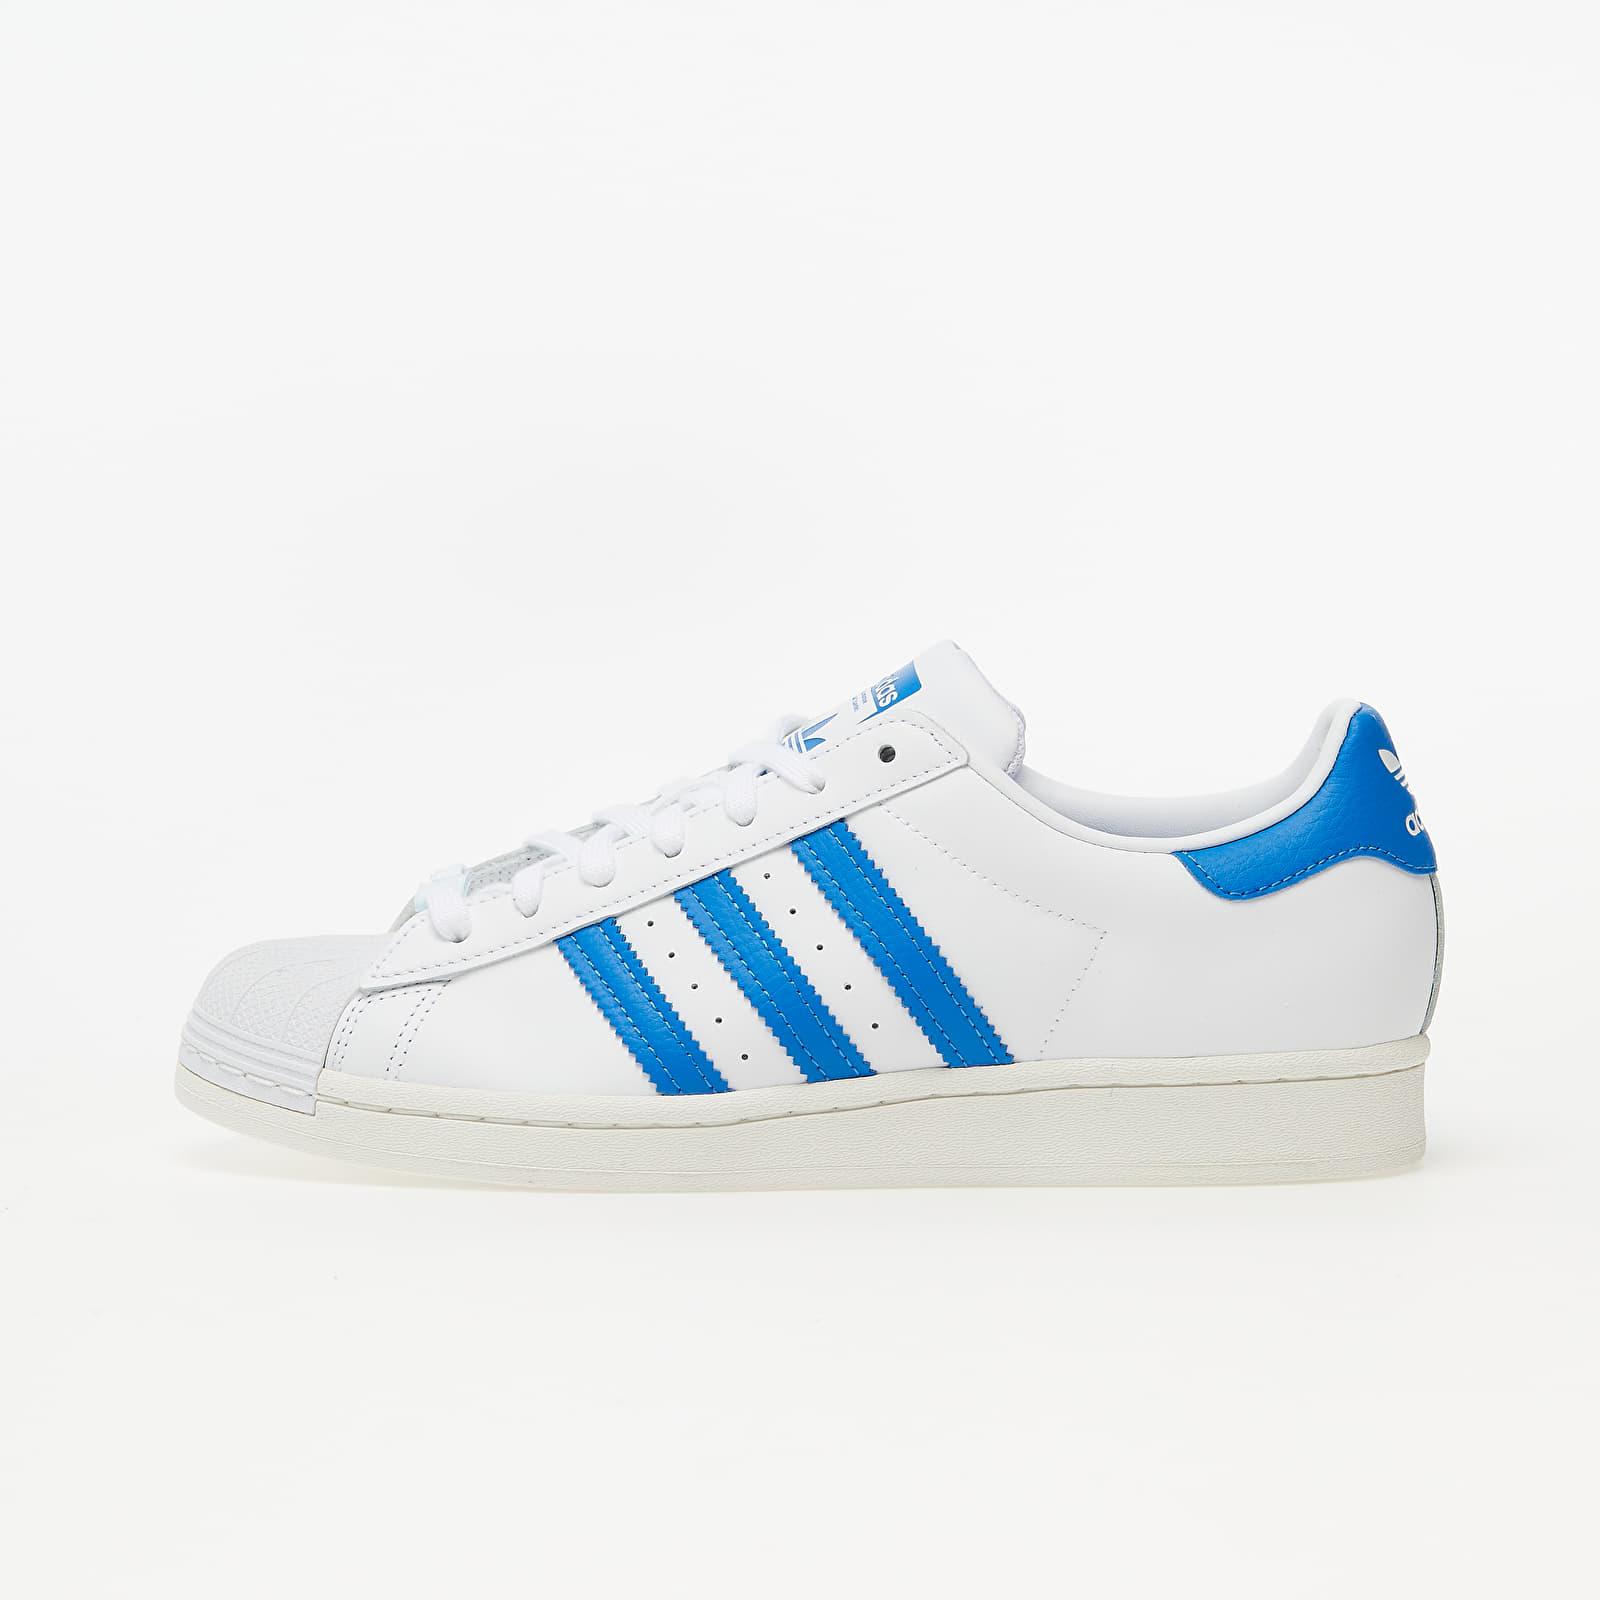 Chaussures et baskets homme adidas Superstar Ftw White/ Blue Bird/ Off White